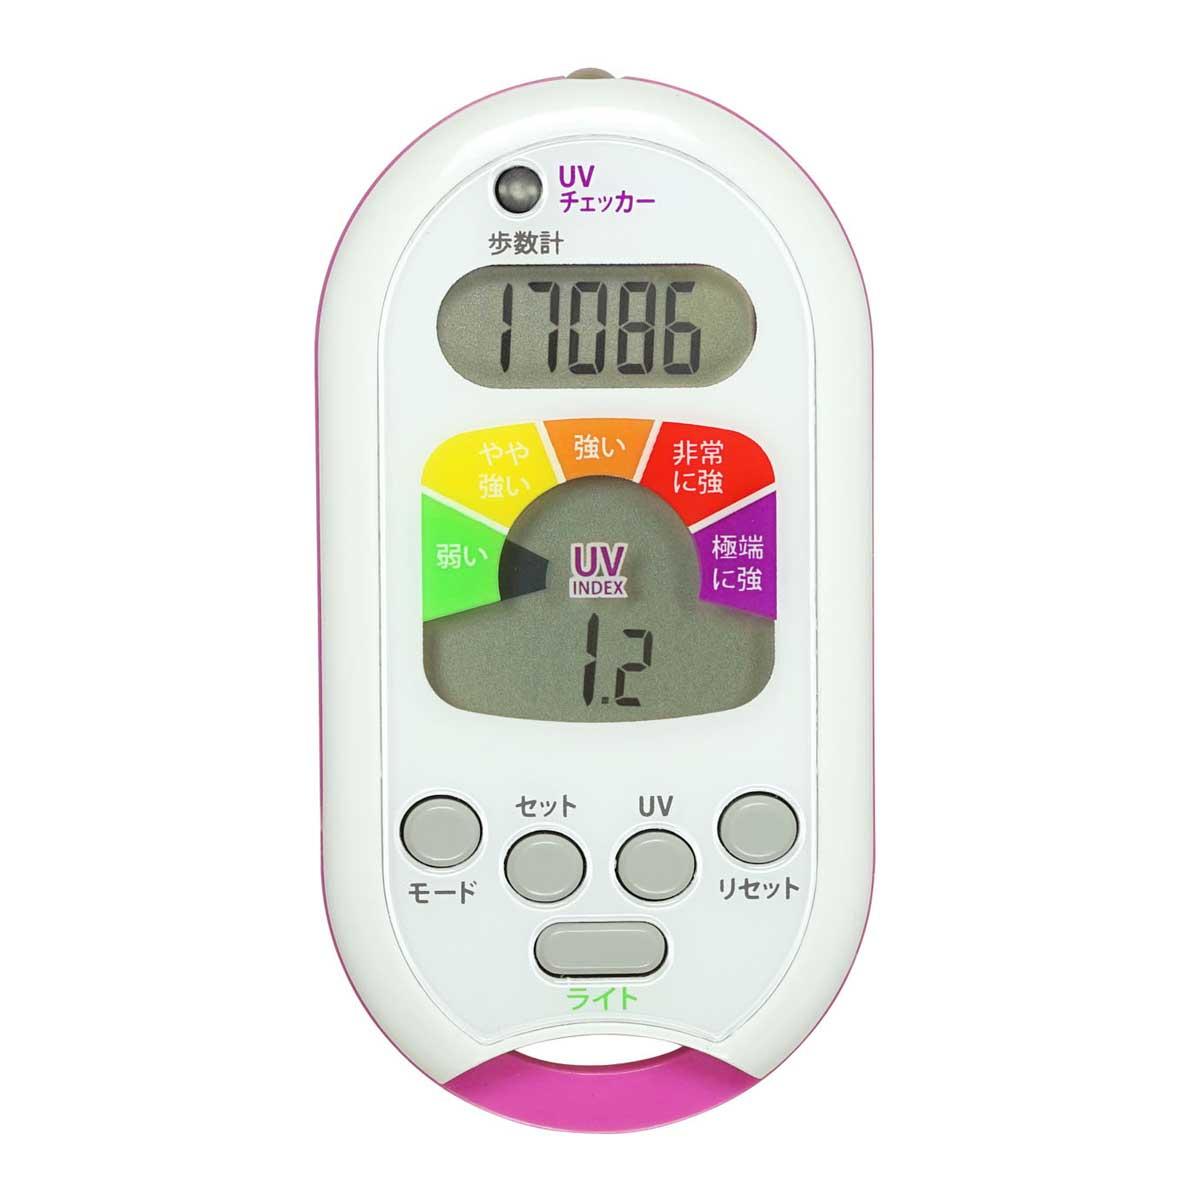 いま何度『UVチェッカー歩数計紫外線測定器(PS375)』